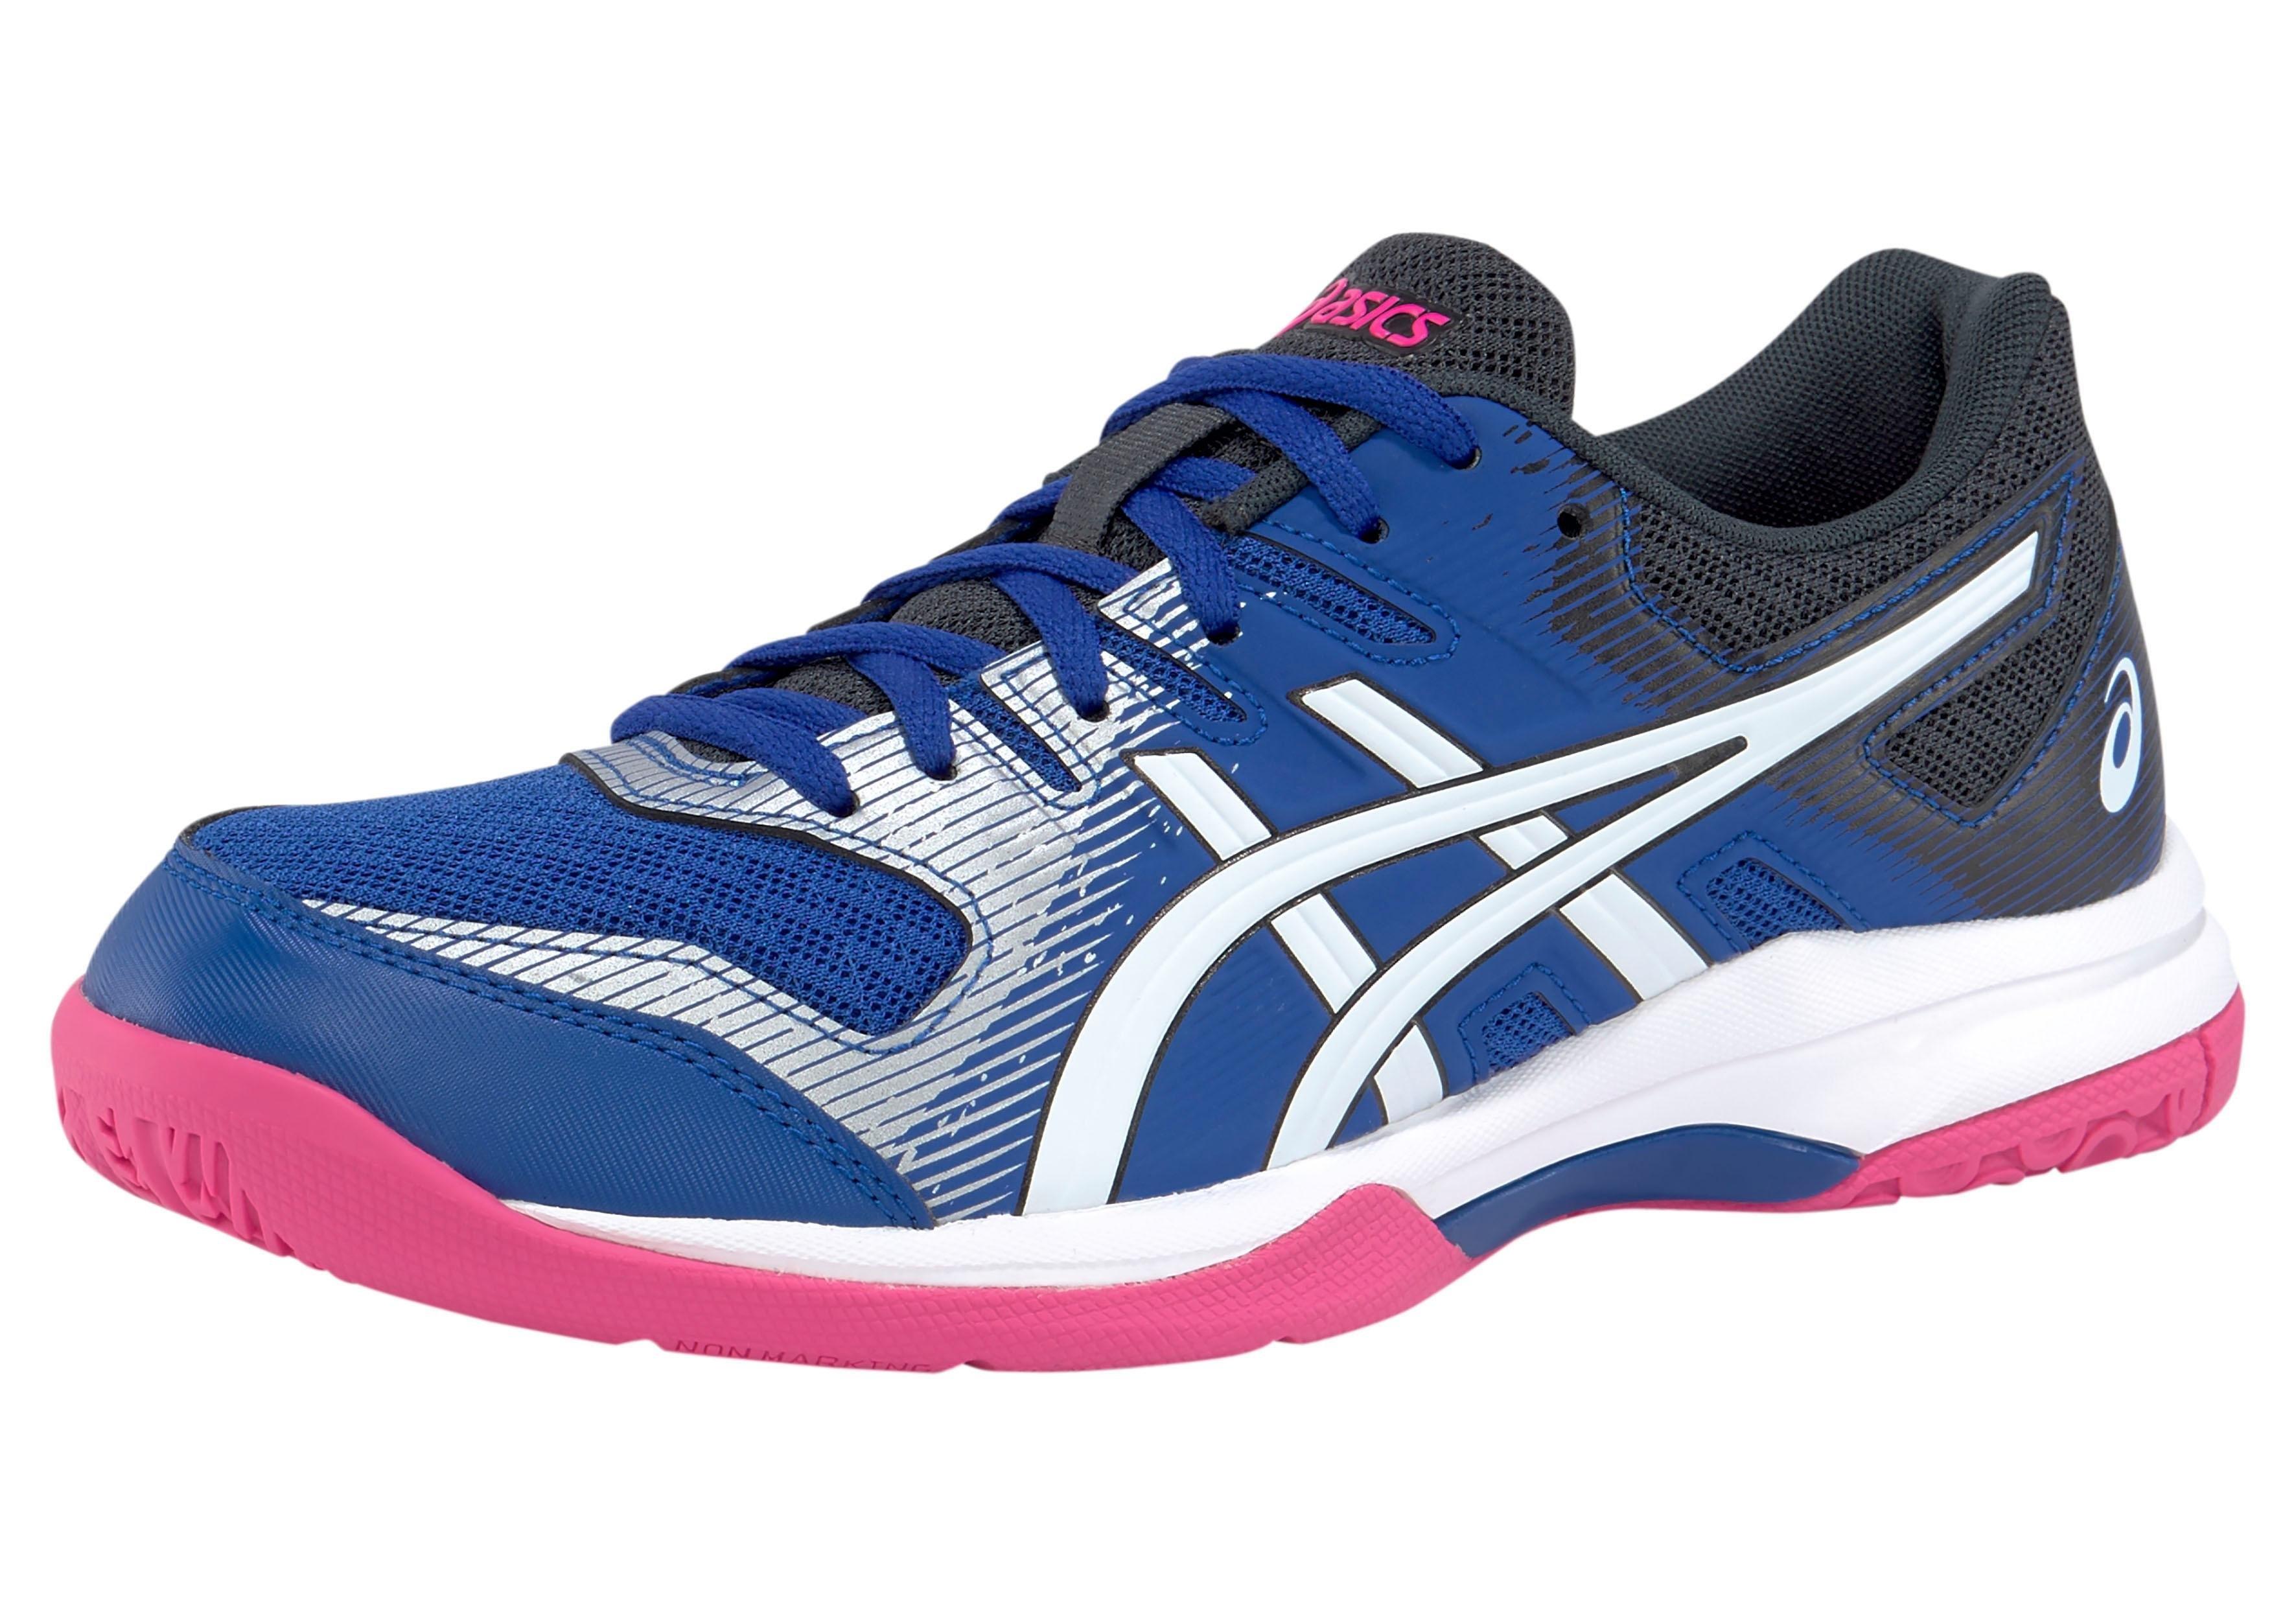 erkende merken uitgebreide selectie verkoopt indoorschoenen »GEL-ROCKET 9«